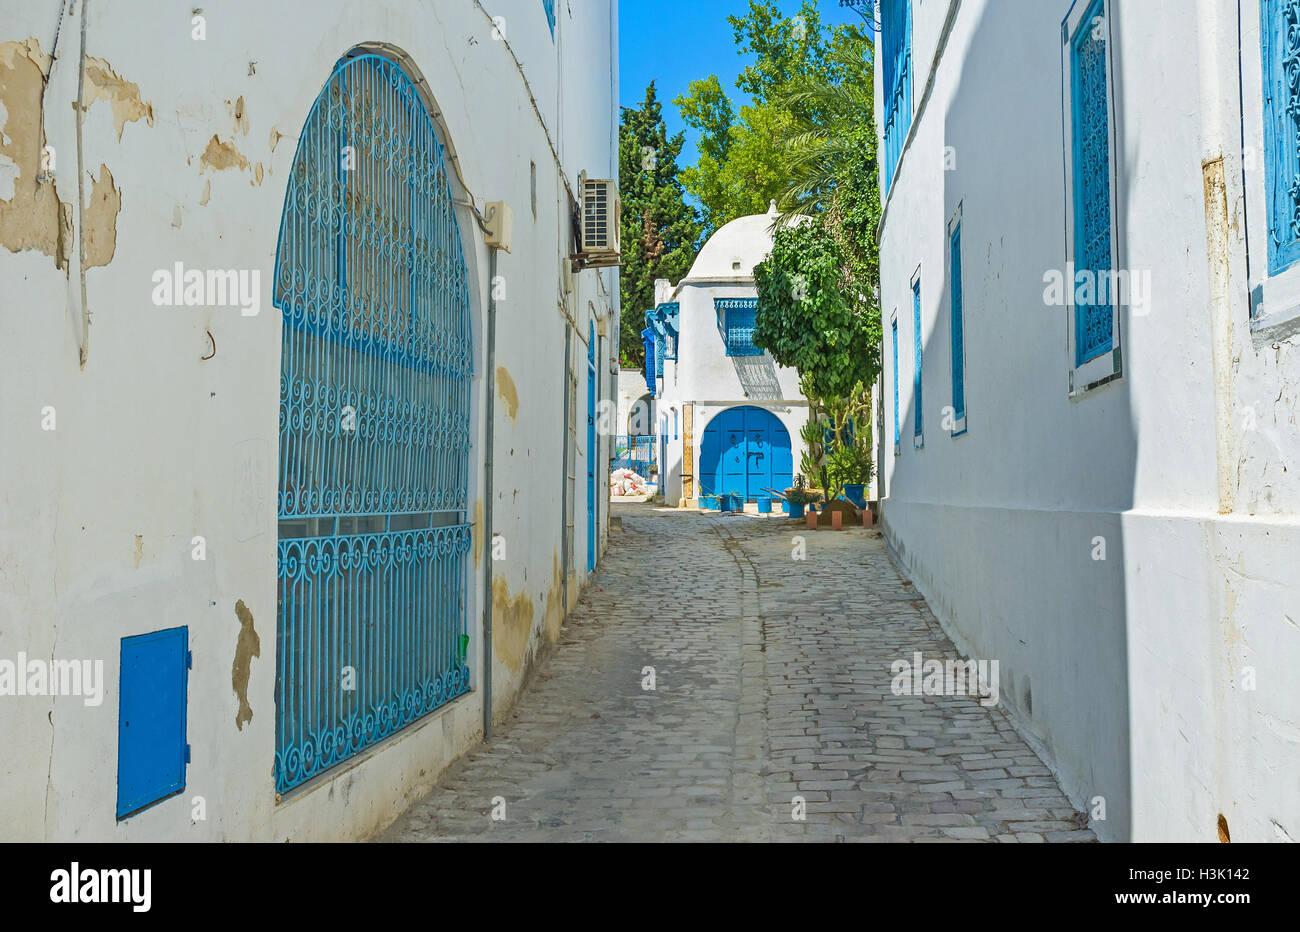 El typic de Sidi Bou Said street, con sus casas blancas, puertas y ventanas azules, Túnez. Imagen De Stock